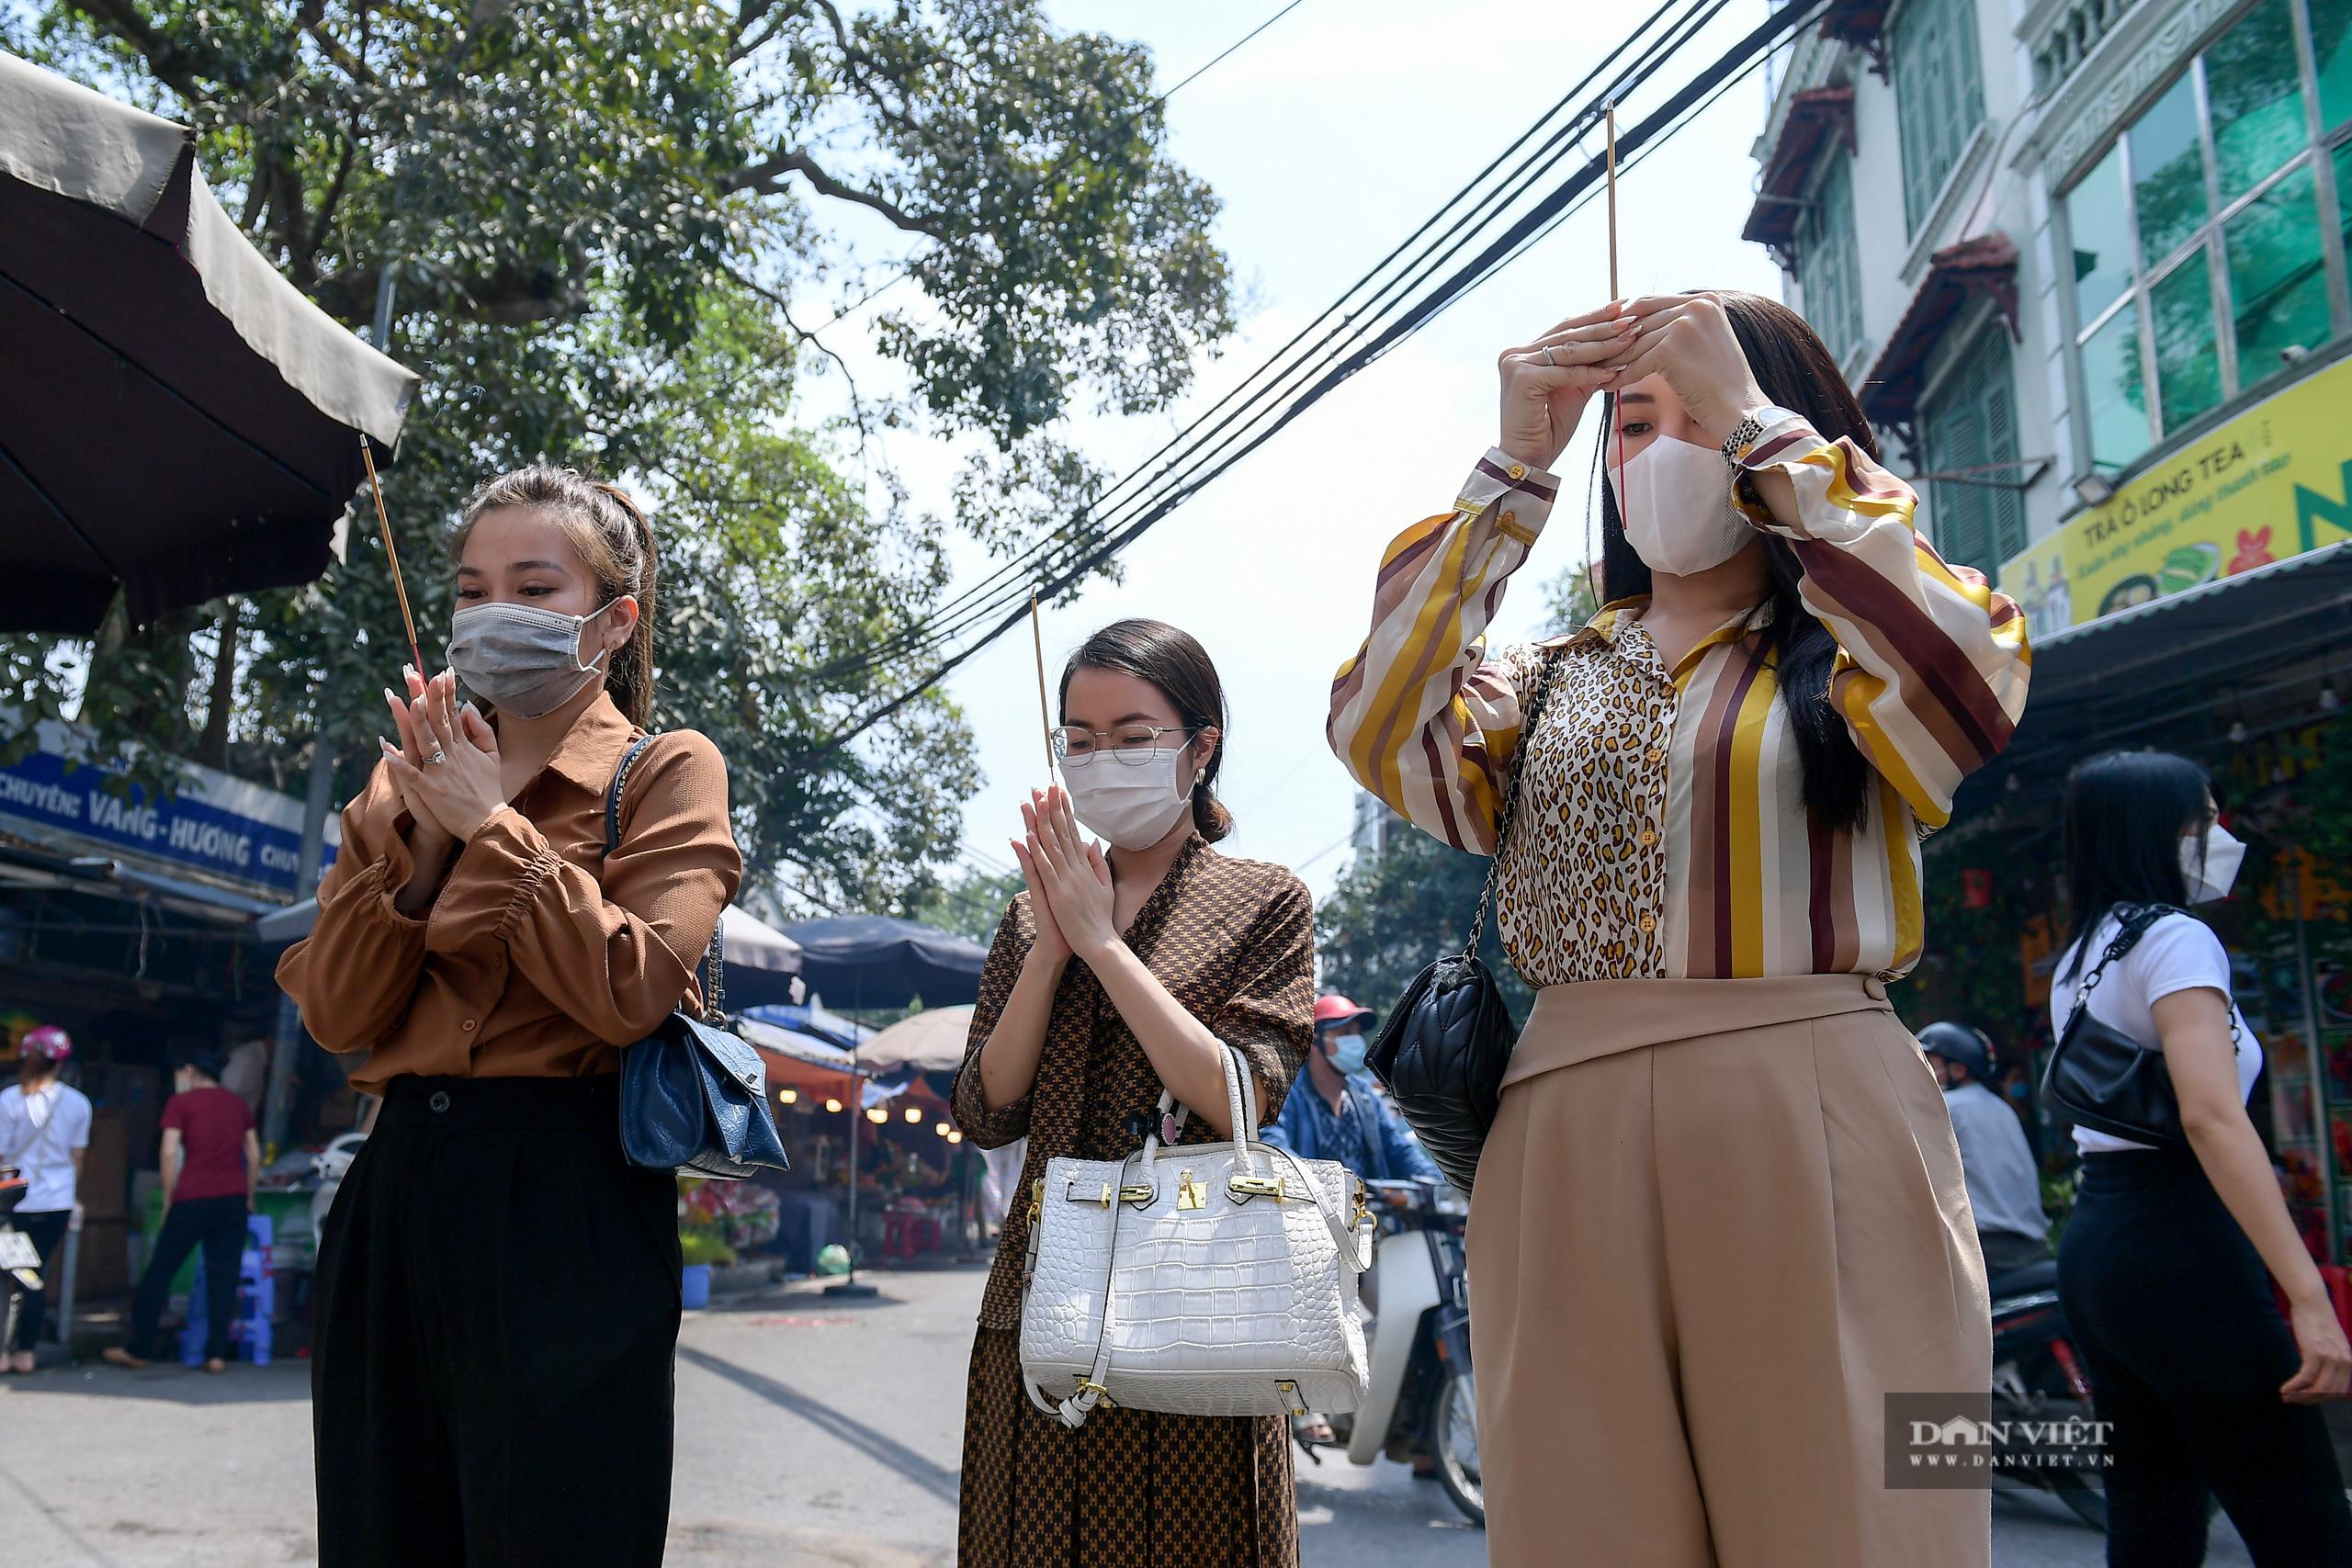 Hà Nội: Công an giải tán người dân đến phủ Tây Hồ vái vọng ngày mùng 1 âm lịch - Ảnh 2.